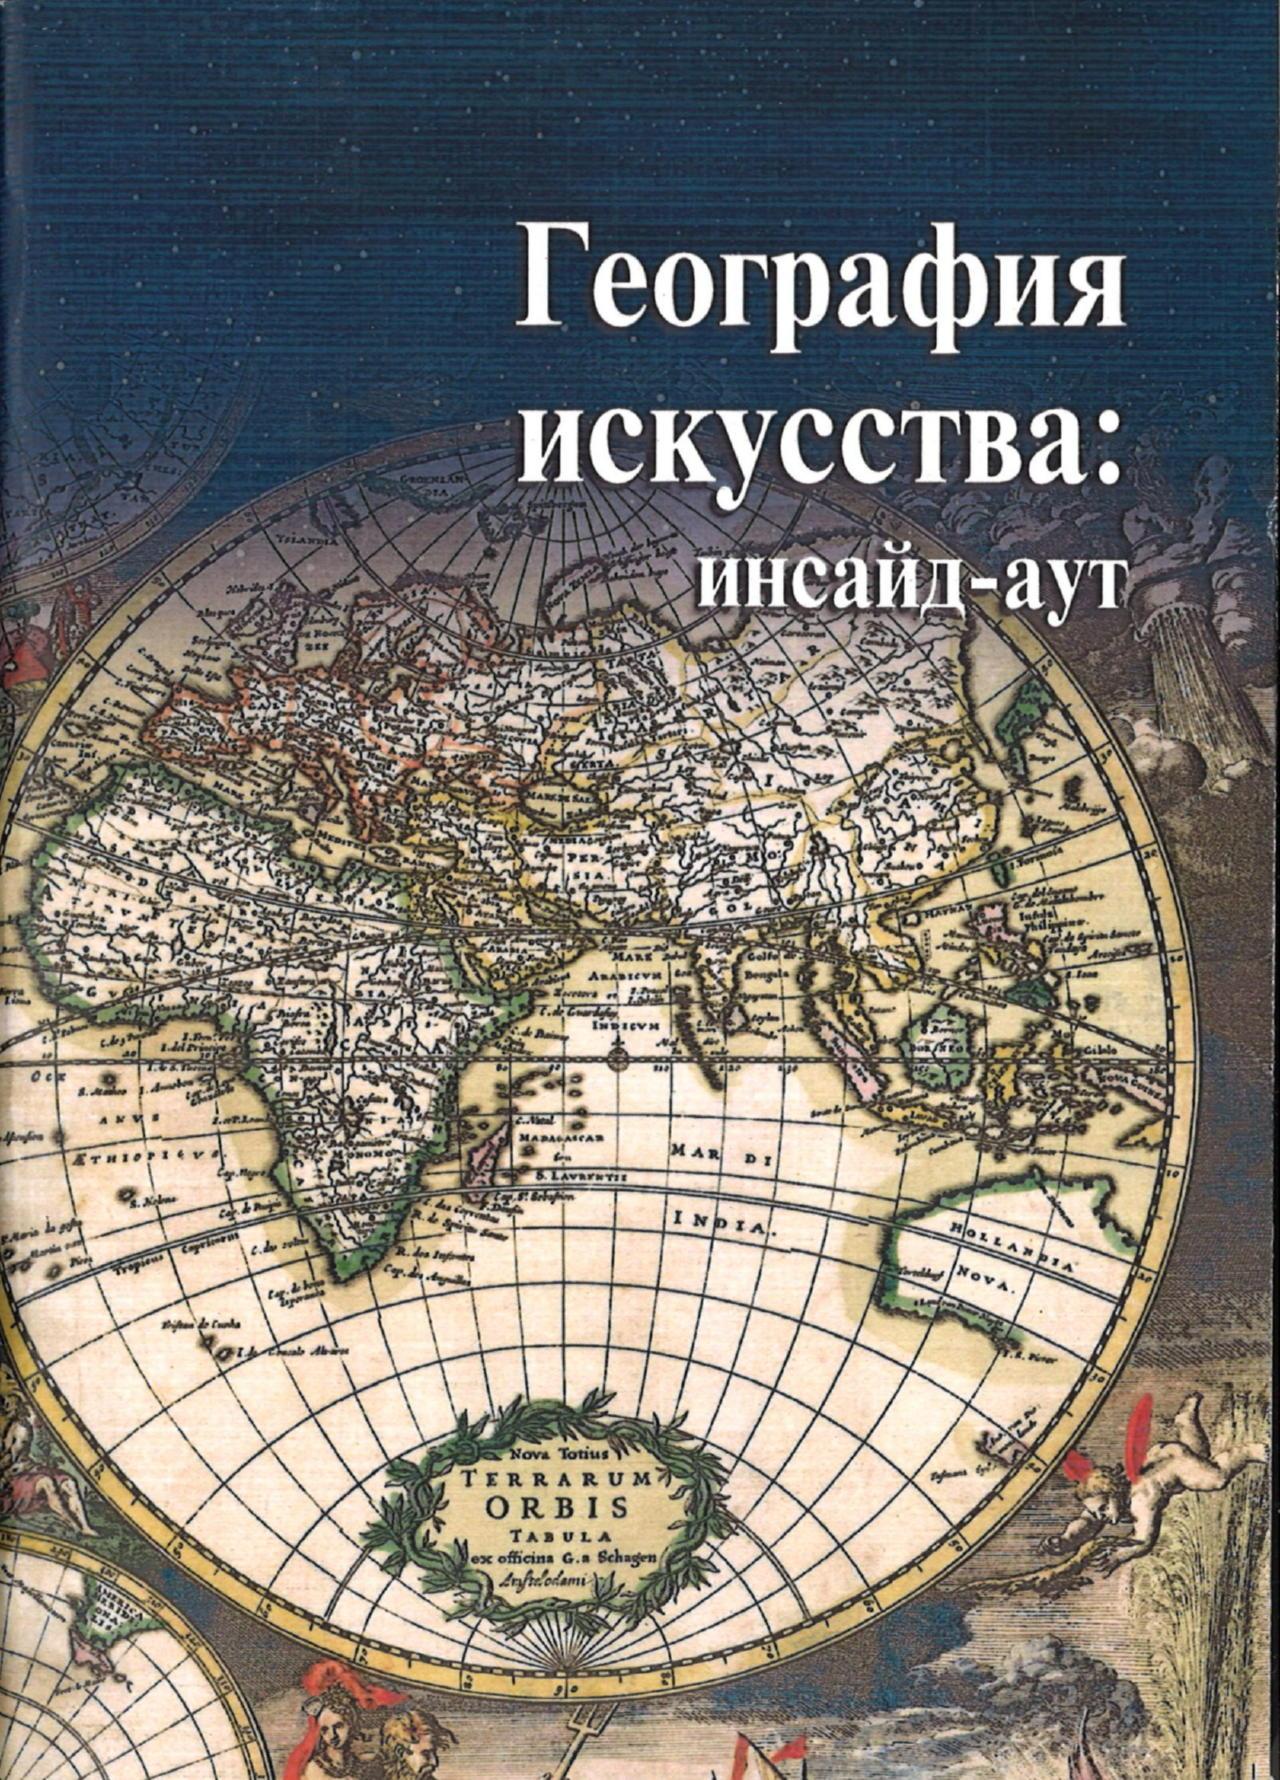 Картинки по запросу География искусства: инсайд-аут: сборник статей